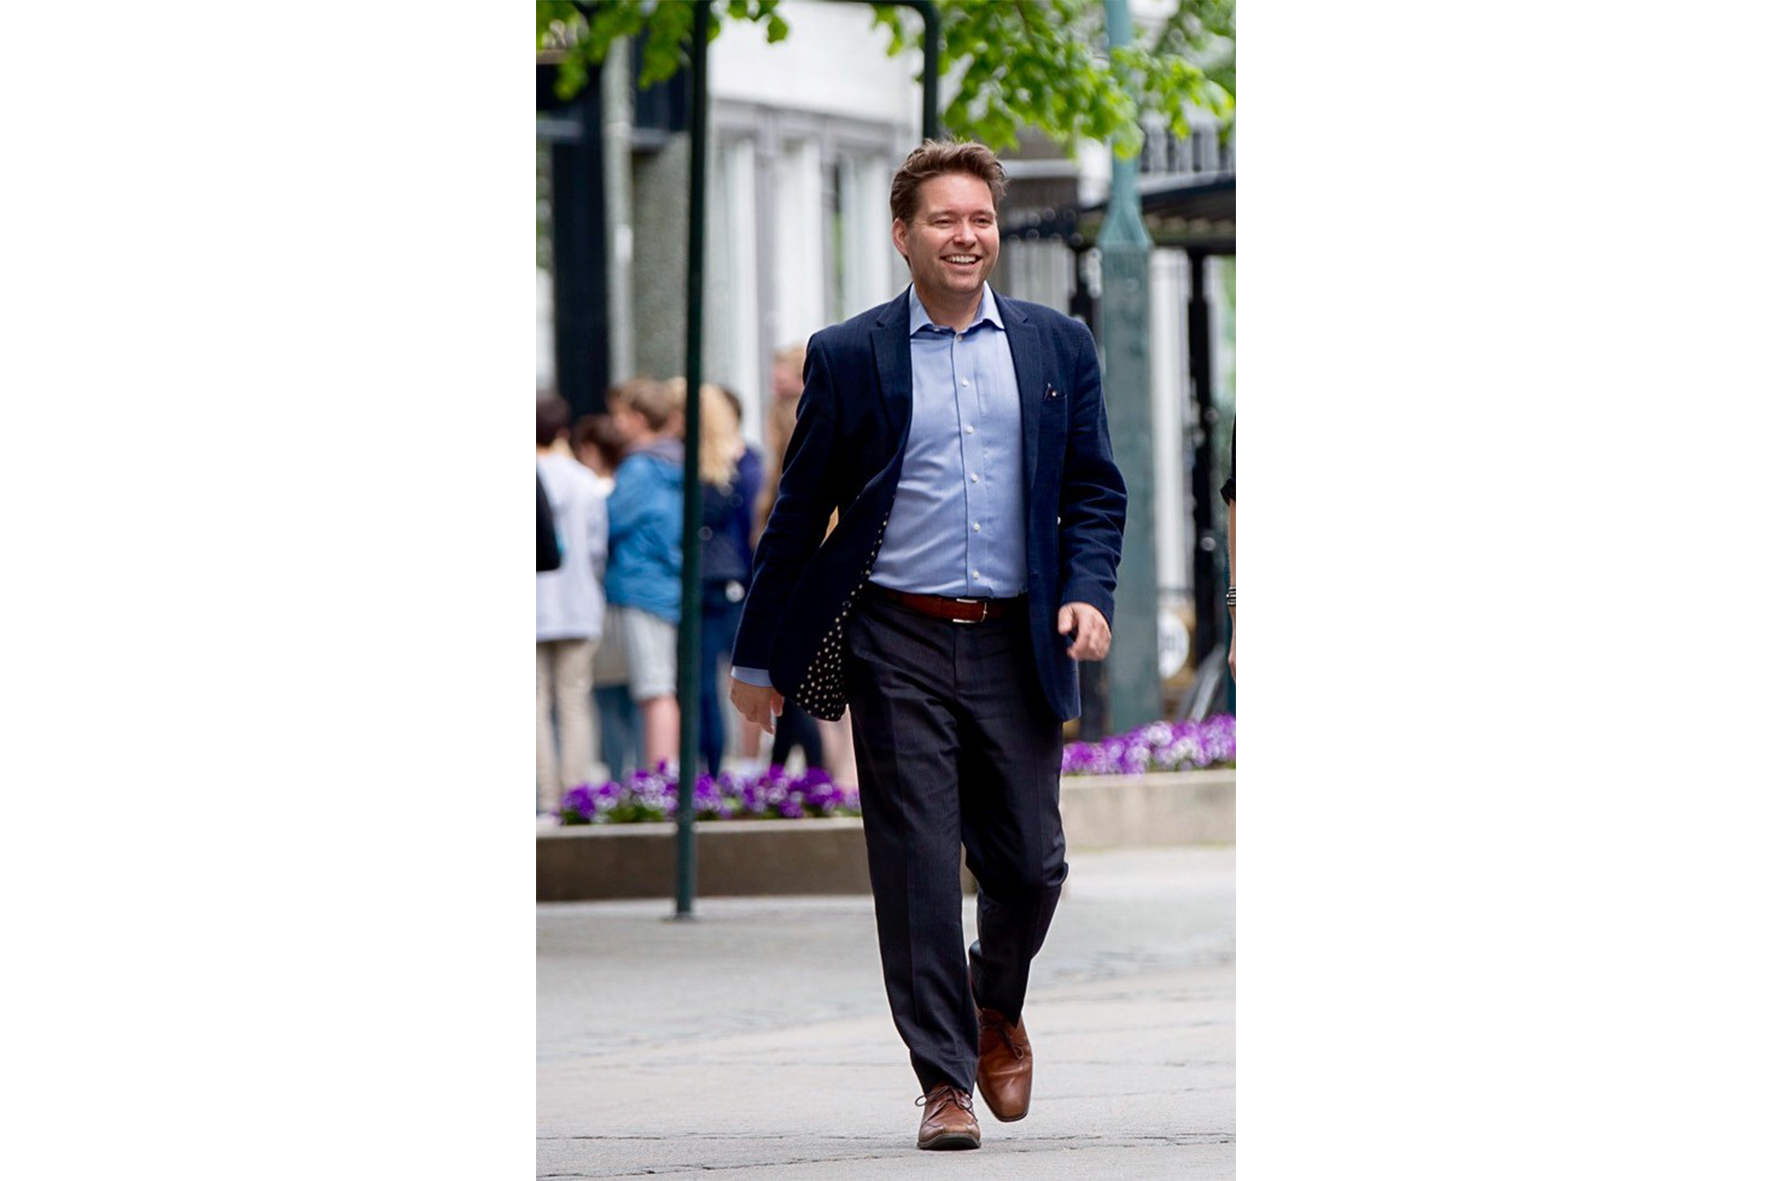 Stig Hillestad. Reiselivsdirektør i Visit Trondheim. Av: Kenneth Stoltz